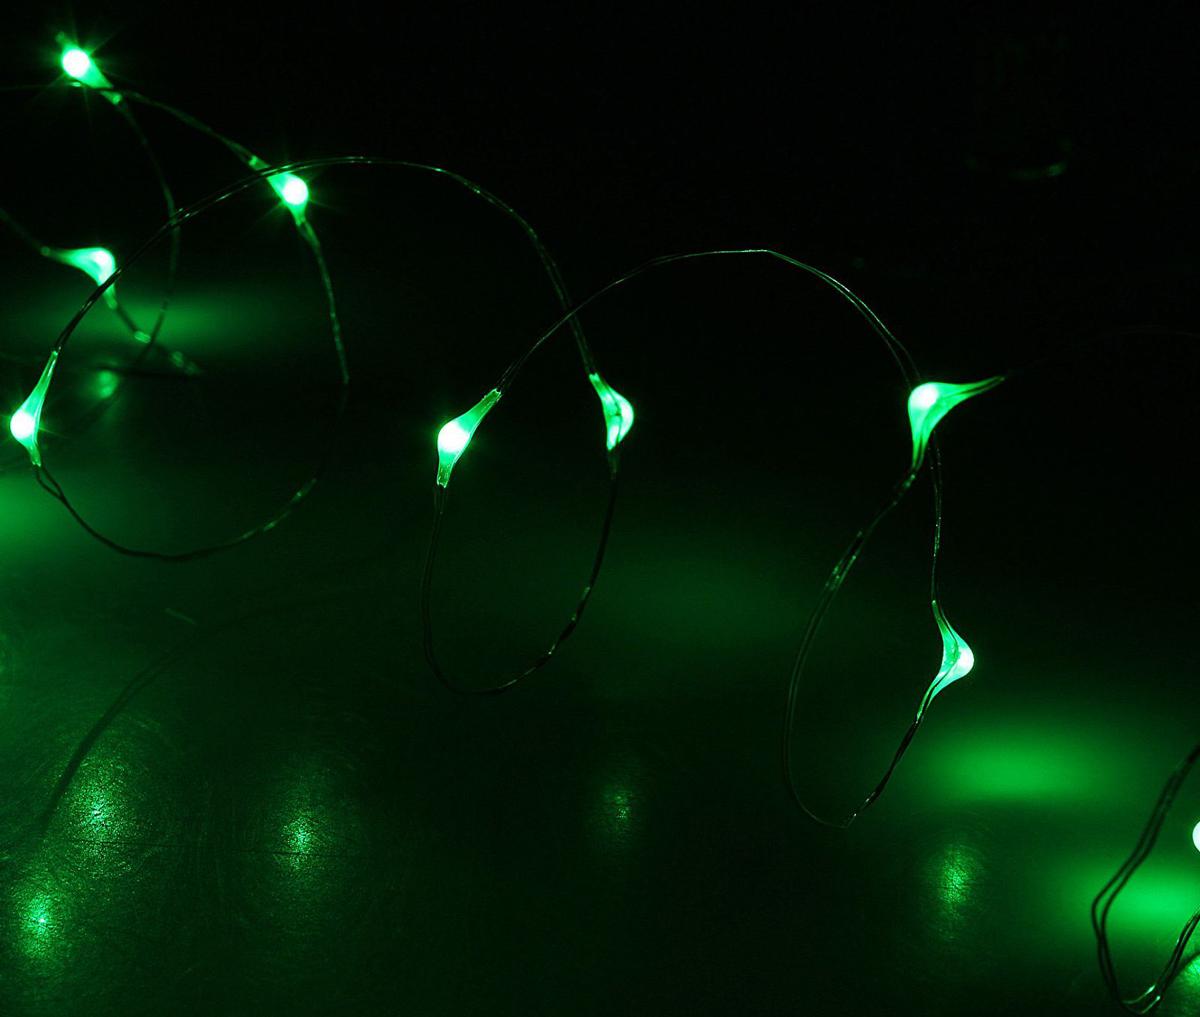 Гирлянда светодиодная Luazon Метраж. Капля росы, цвет: зеленый, 30 ламп, 2 режима, 3,6 V, длина 3 м1080591Светодиодные гирлянды и ленты — это отличный вариант для новогоднего оформления интерьера или фасада. С их помощью помещение любого размера можно превратить в праздничный зал, а внешние элементы зданий, украшенные ими, мгновенно станут напоминать очертания сказочного дворца. Такие украшения создают ауру предвкушения чуда. Деревья, фасады, витрины, окна и арки будто специально созданы, чтобы вы украсили их светящимися нитями.